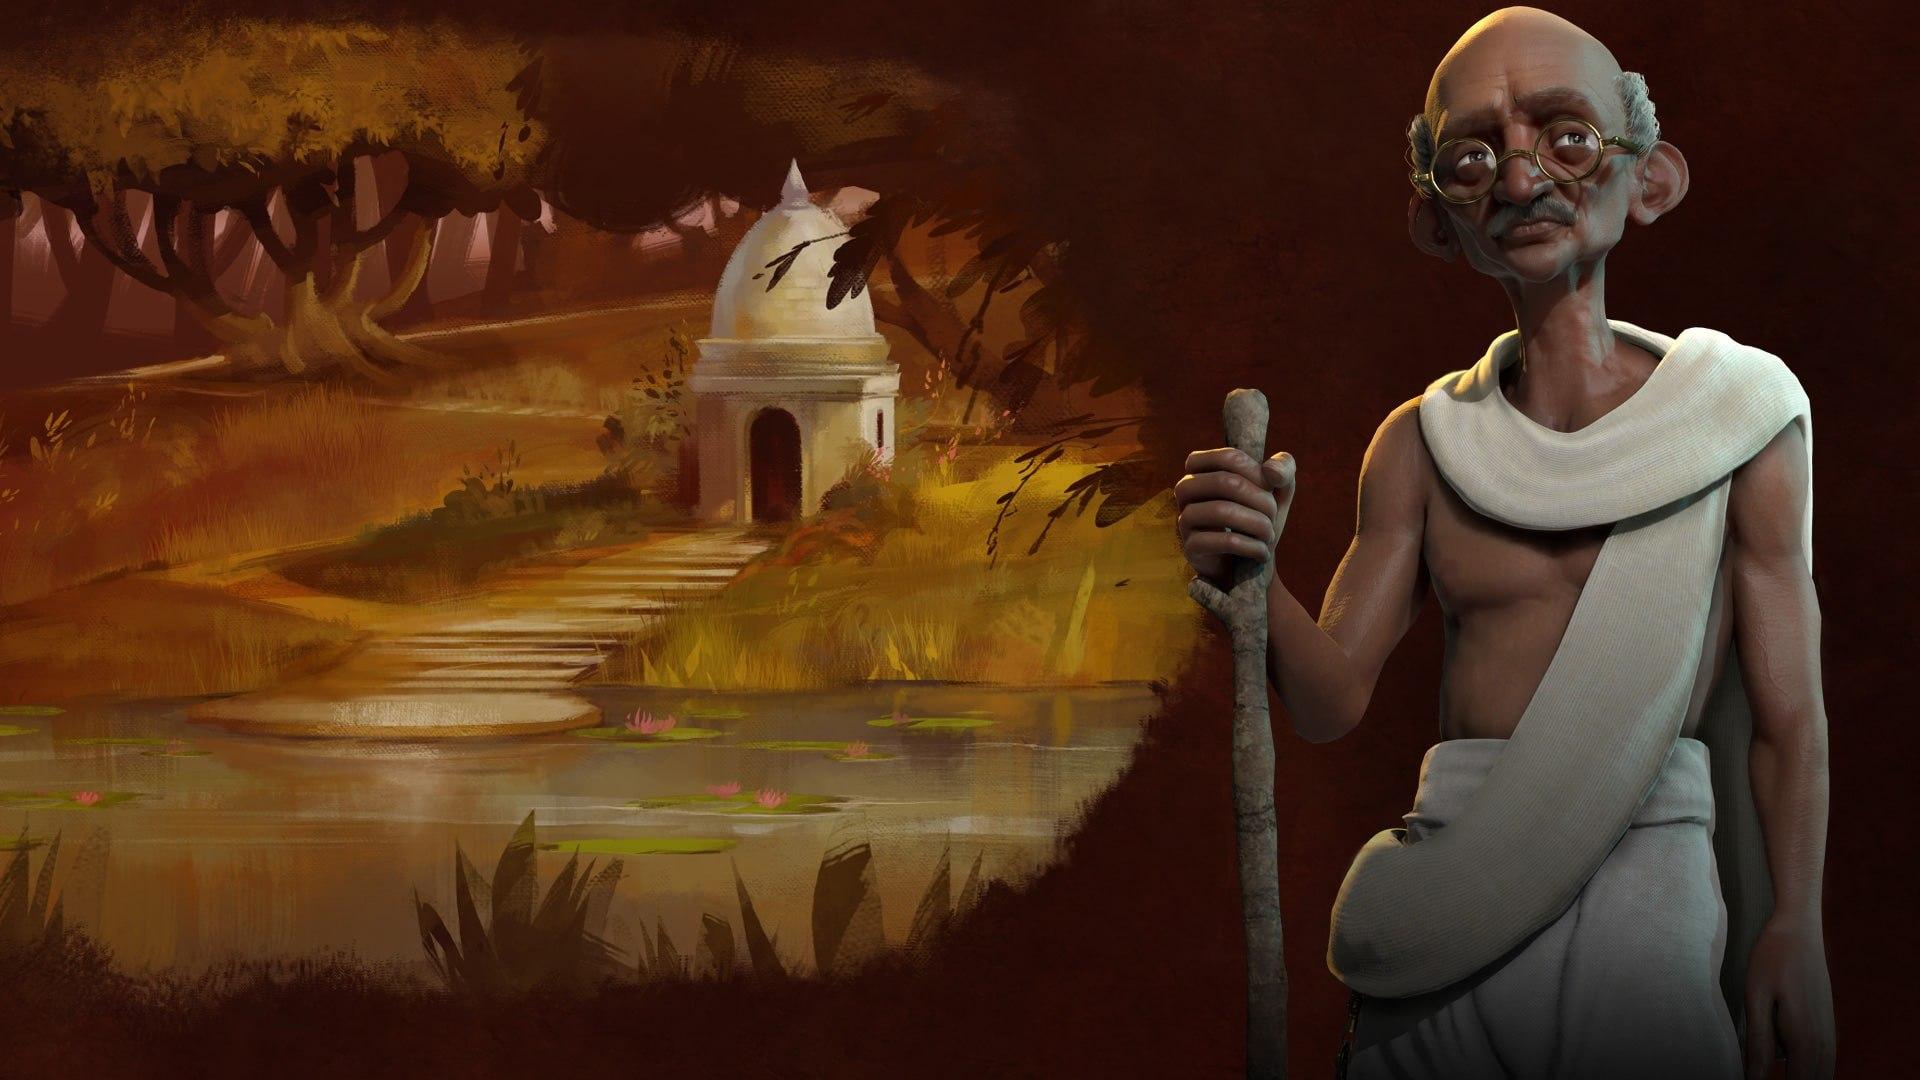 اکانت اریجینال بازی Sid Meier's Civilization VI   با ایمیل اکانت